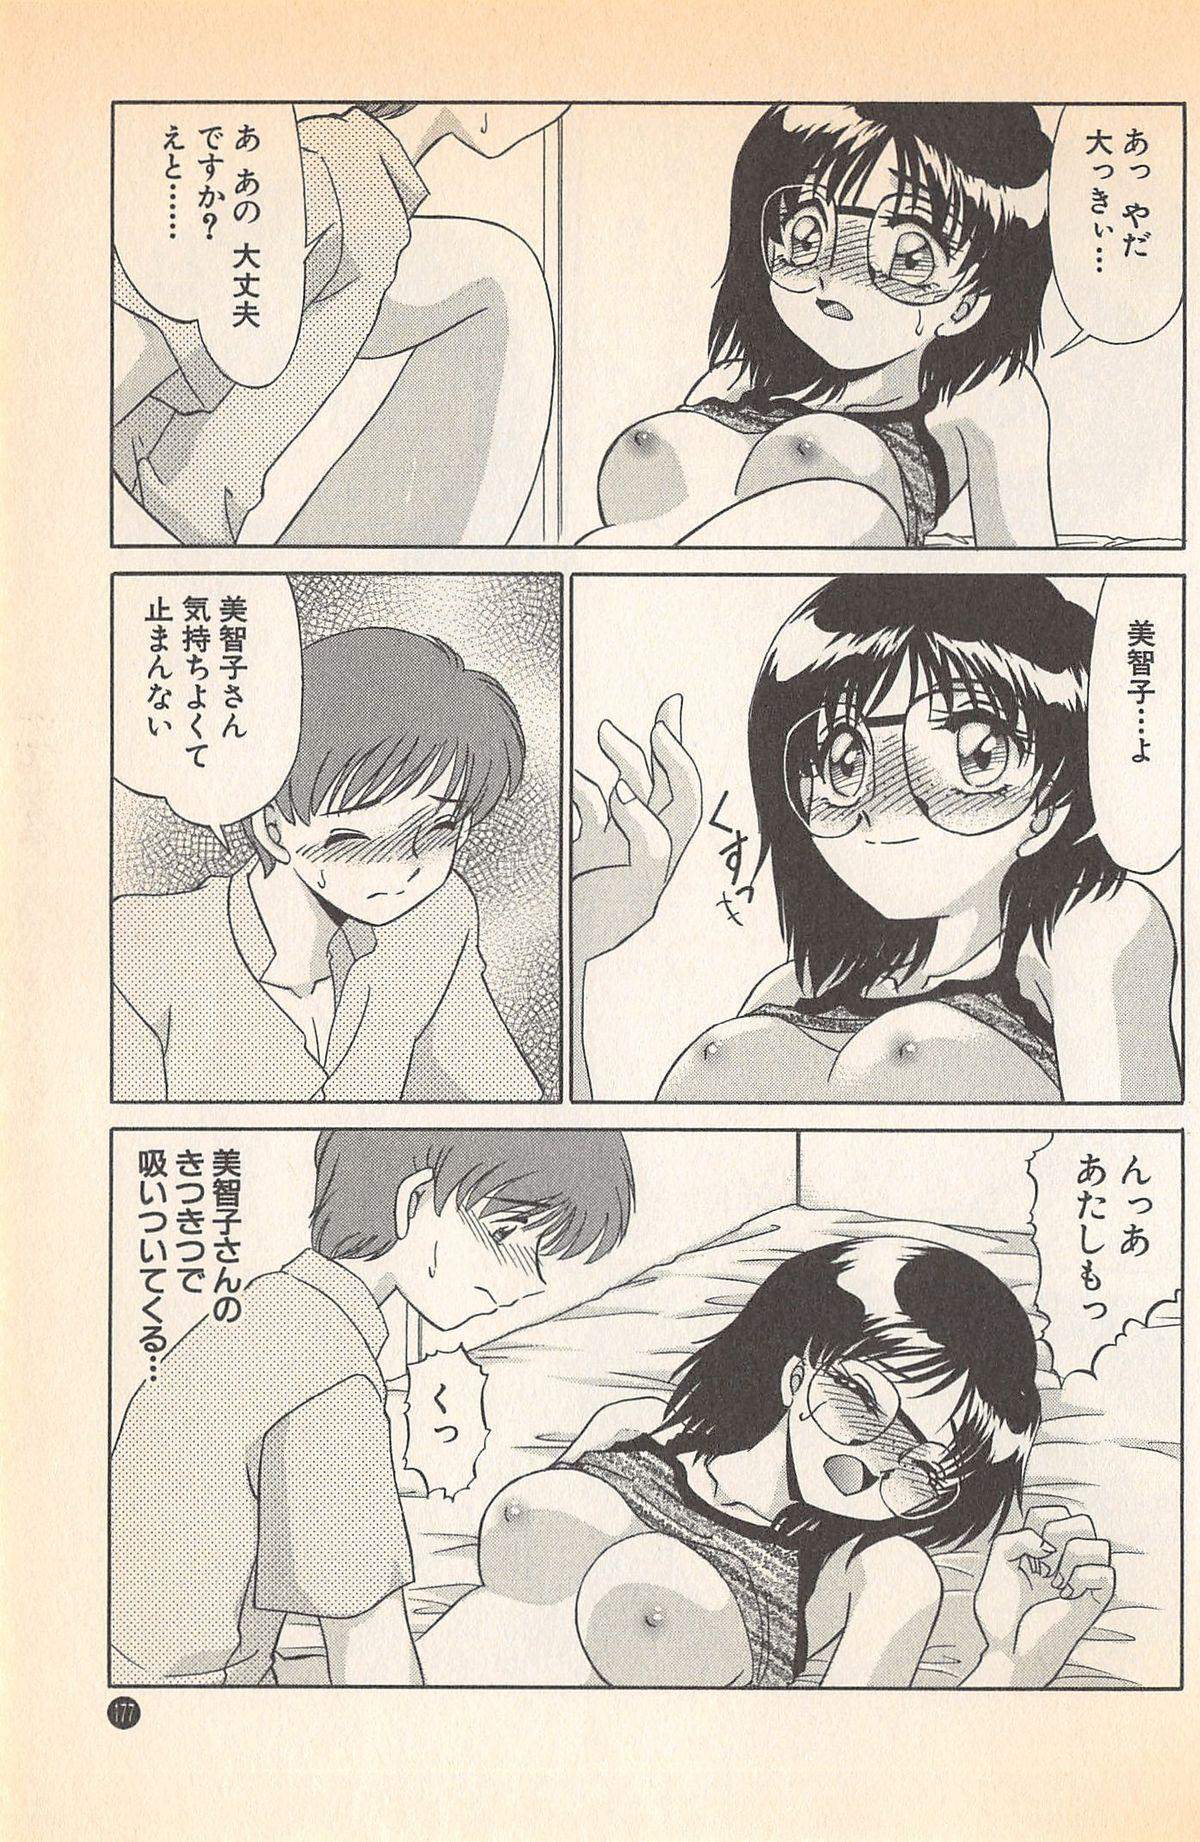 Doki Doki no Shikumi 178